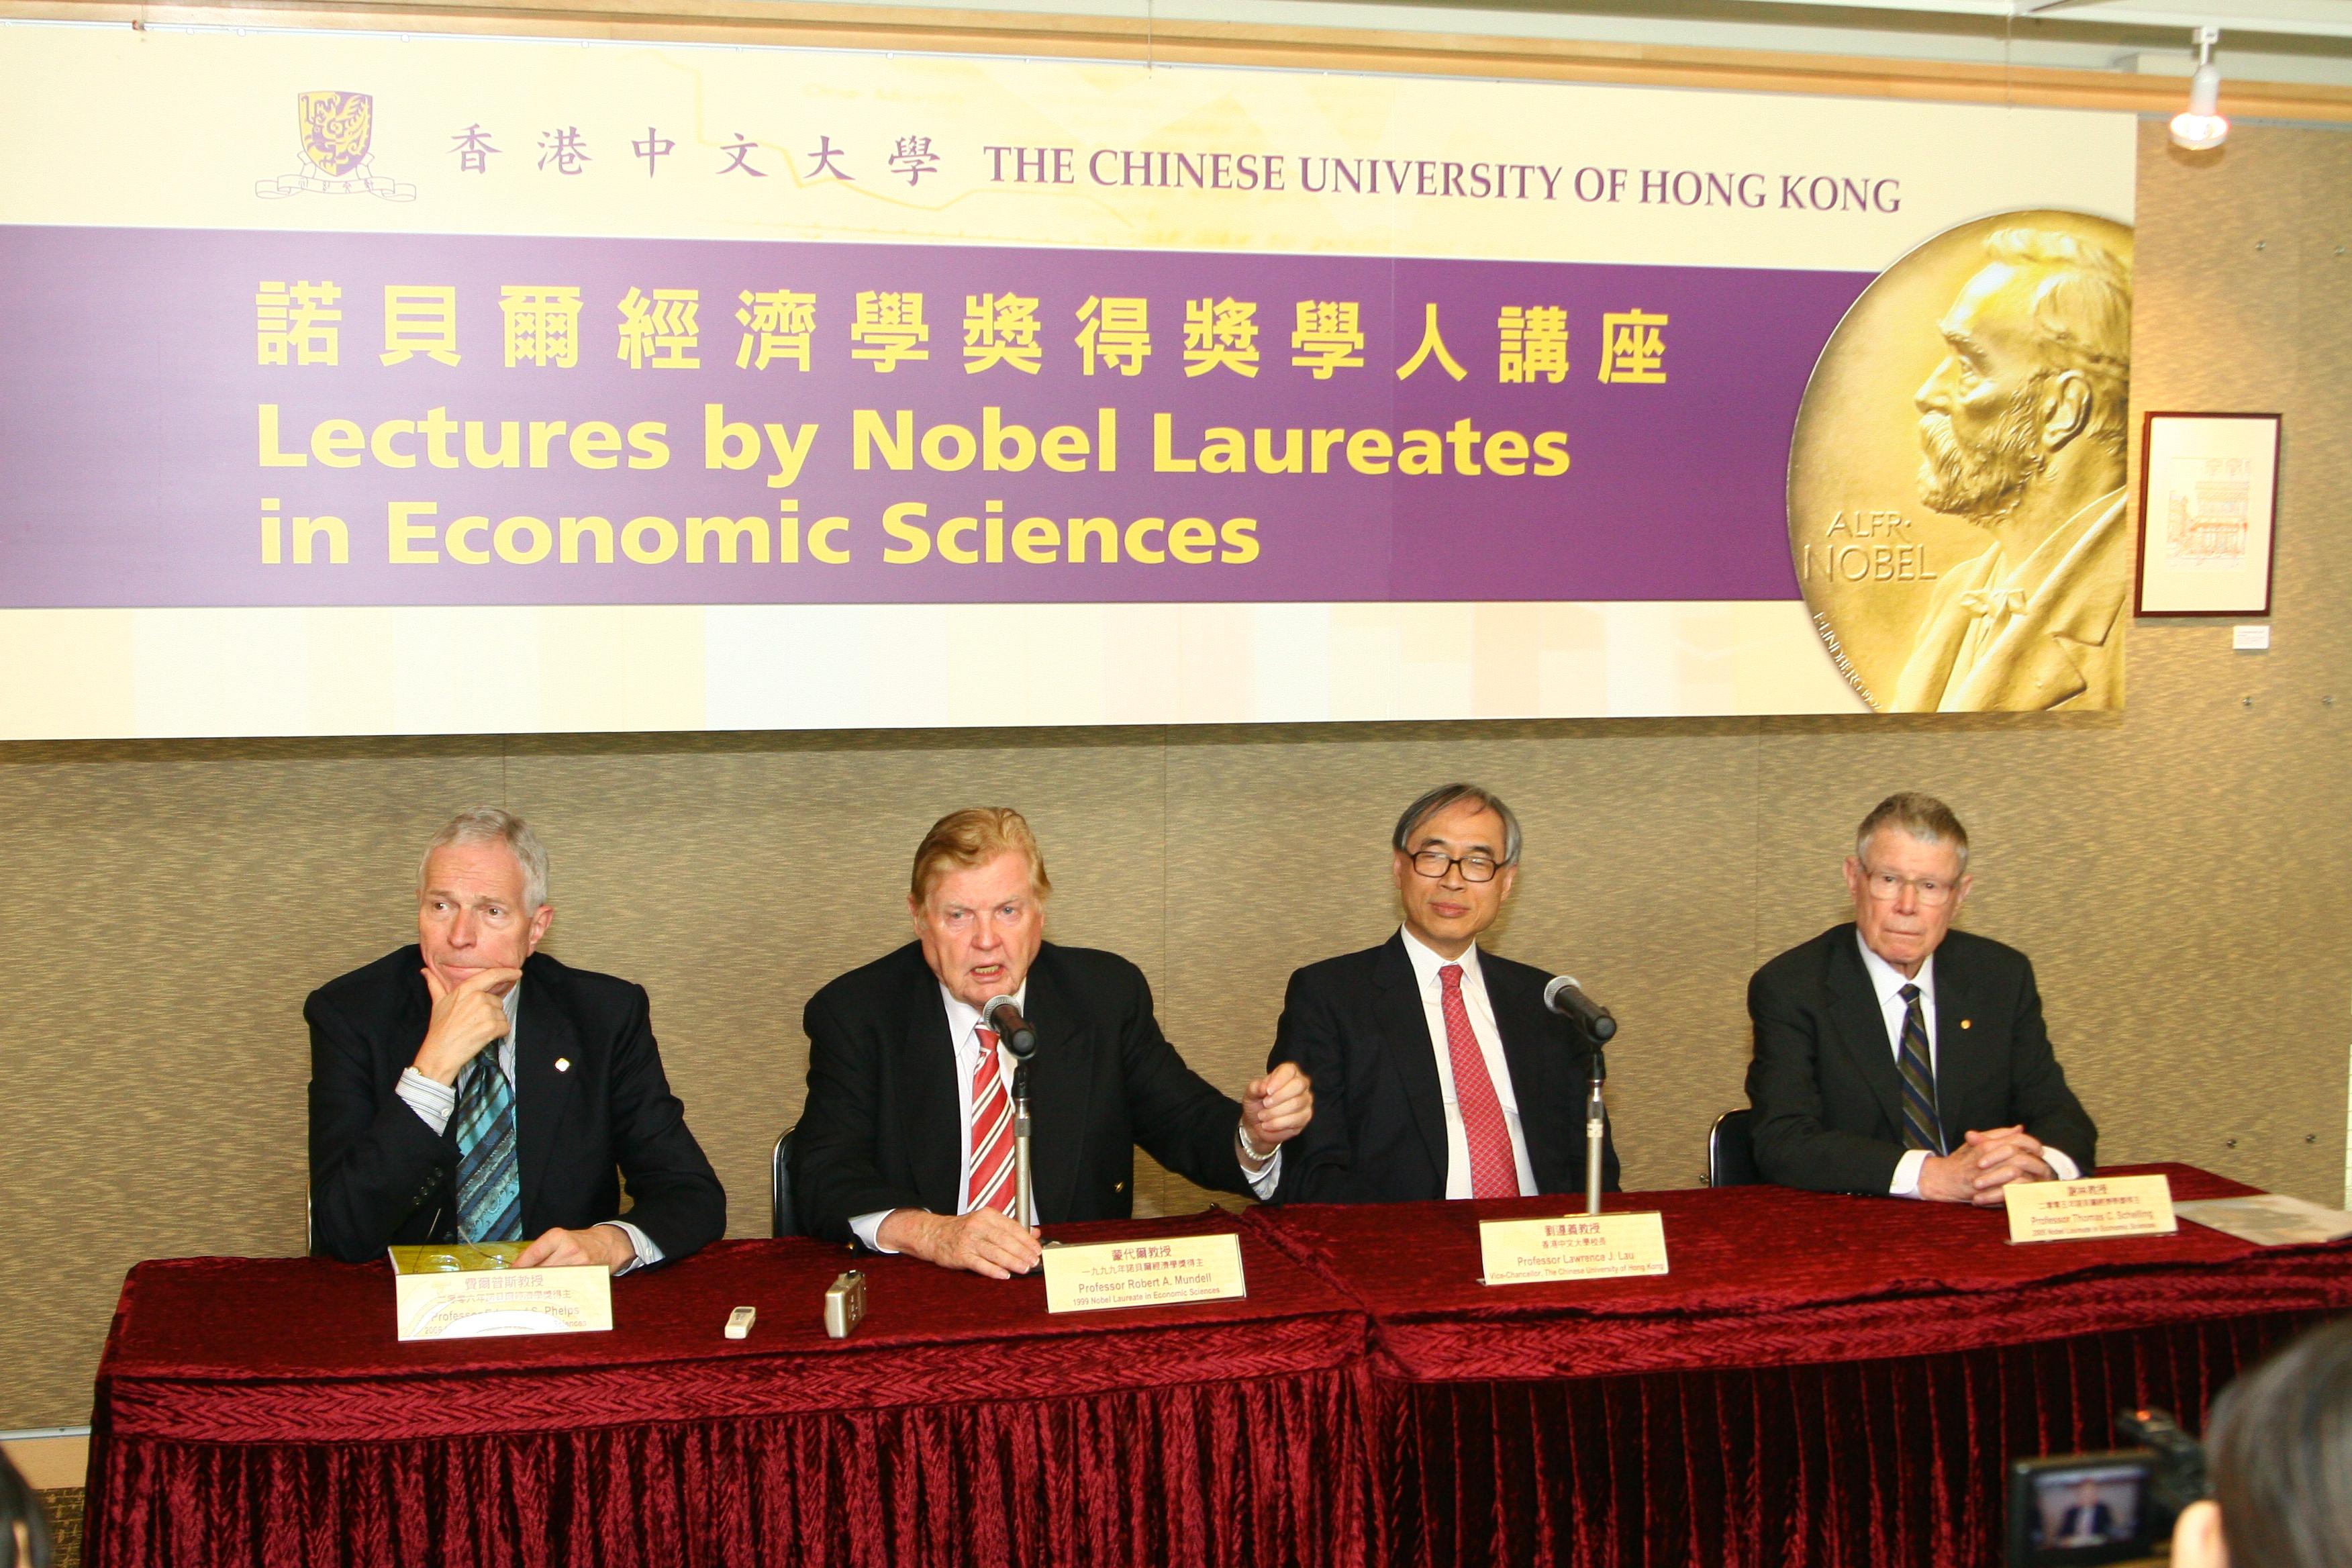 左起: 二零零六年诺贝尔经济学奖得主费尔普斯教授 一九九九年诺贝尔经济学奖得主蒙代尔教授 香港中文大学校长刘遵义教授 二零零五年诺贝尔经济学奖得主谢林教授